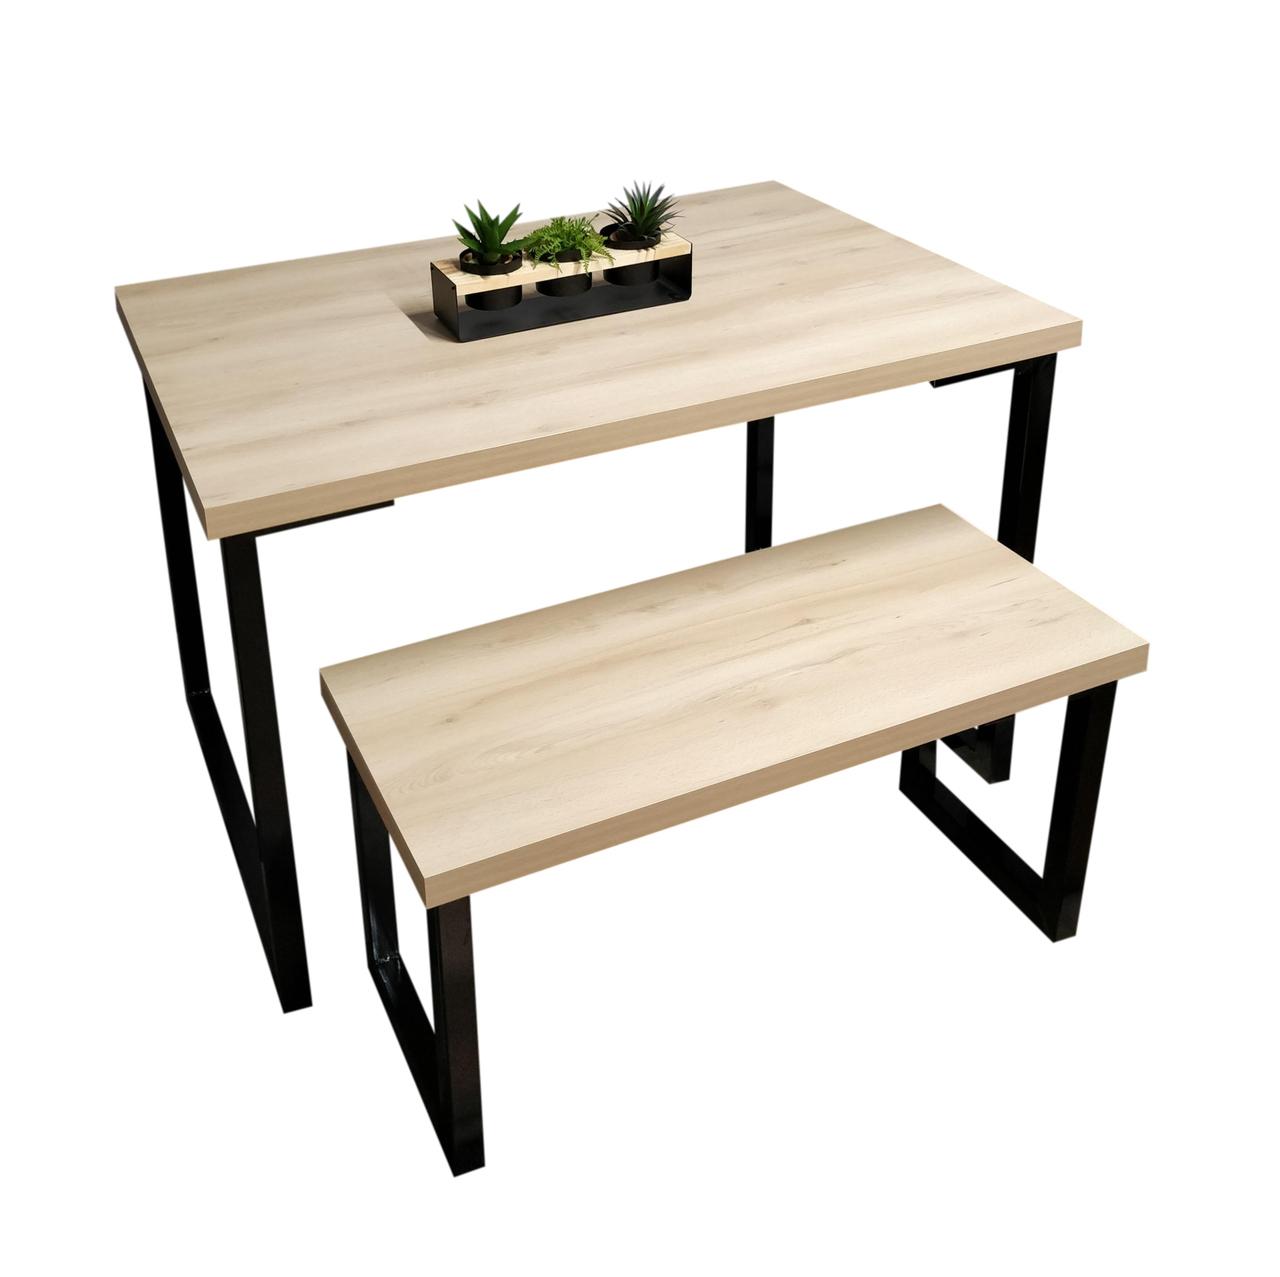 Mesas de Jantar e Banco sob medida com Squared Legs e Tampo 100% MDF  - Mtne Store